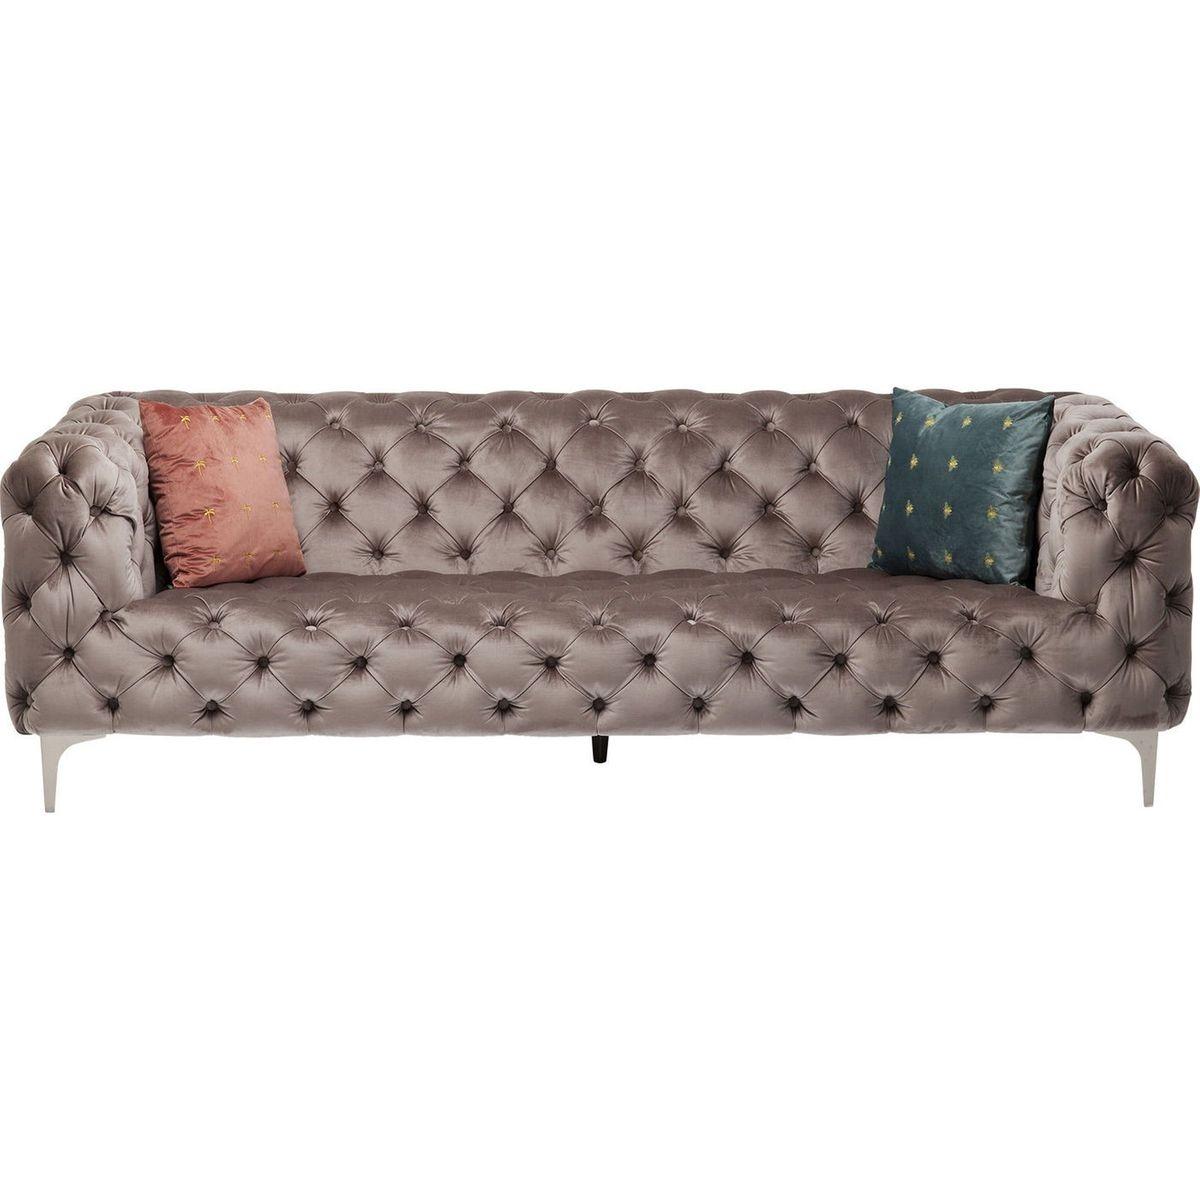 Canapé en velours taupe design Kare